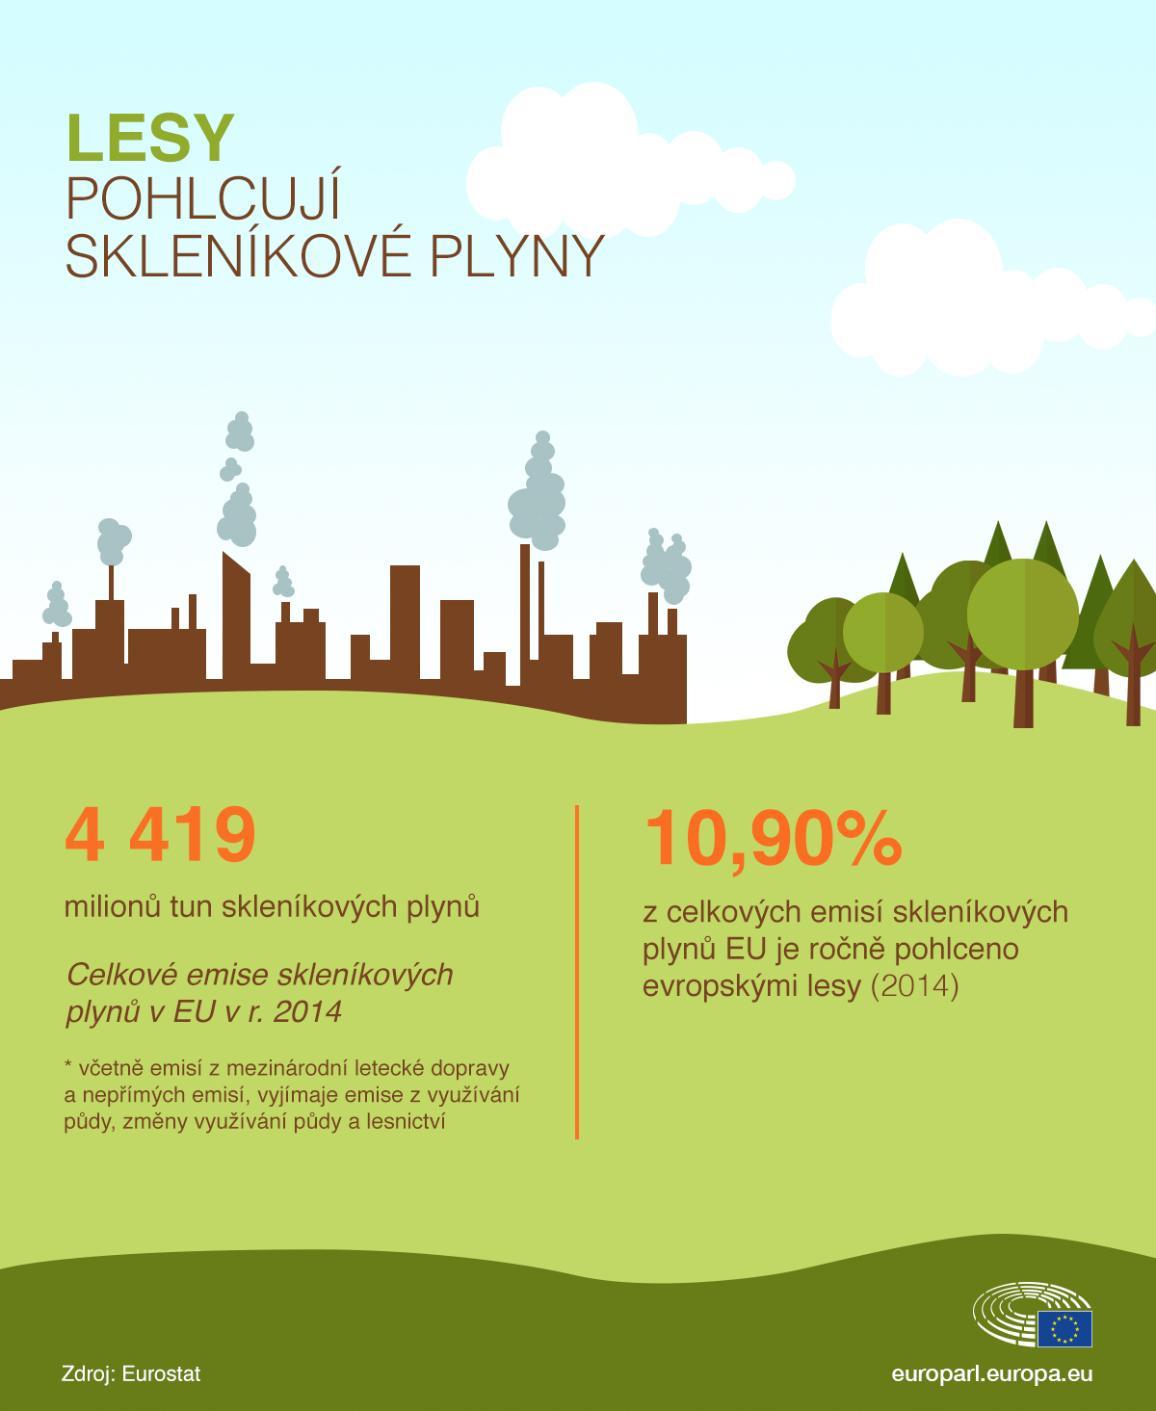 Infografika zobrazuje fakt, že lesy v EU vyrovnávají uhlíkové emise. Každý rok pohlcují  tolik, kolik odpovídá 10,9 % celkových emisí skleníkových plynů v Unii